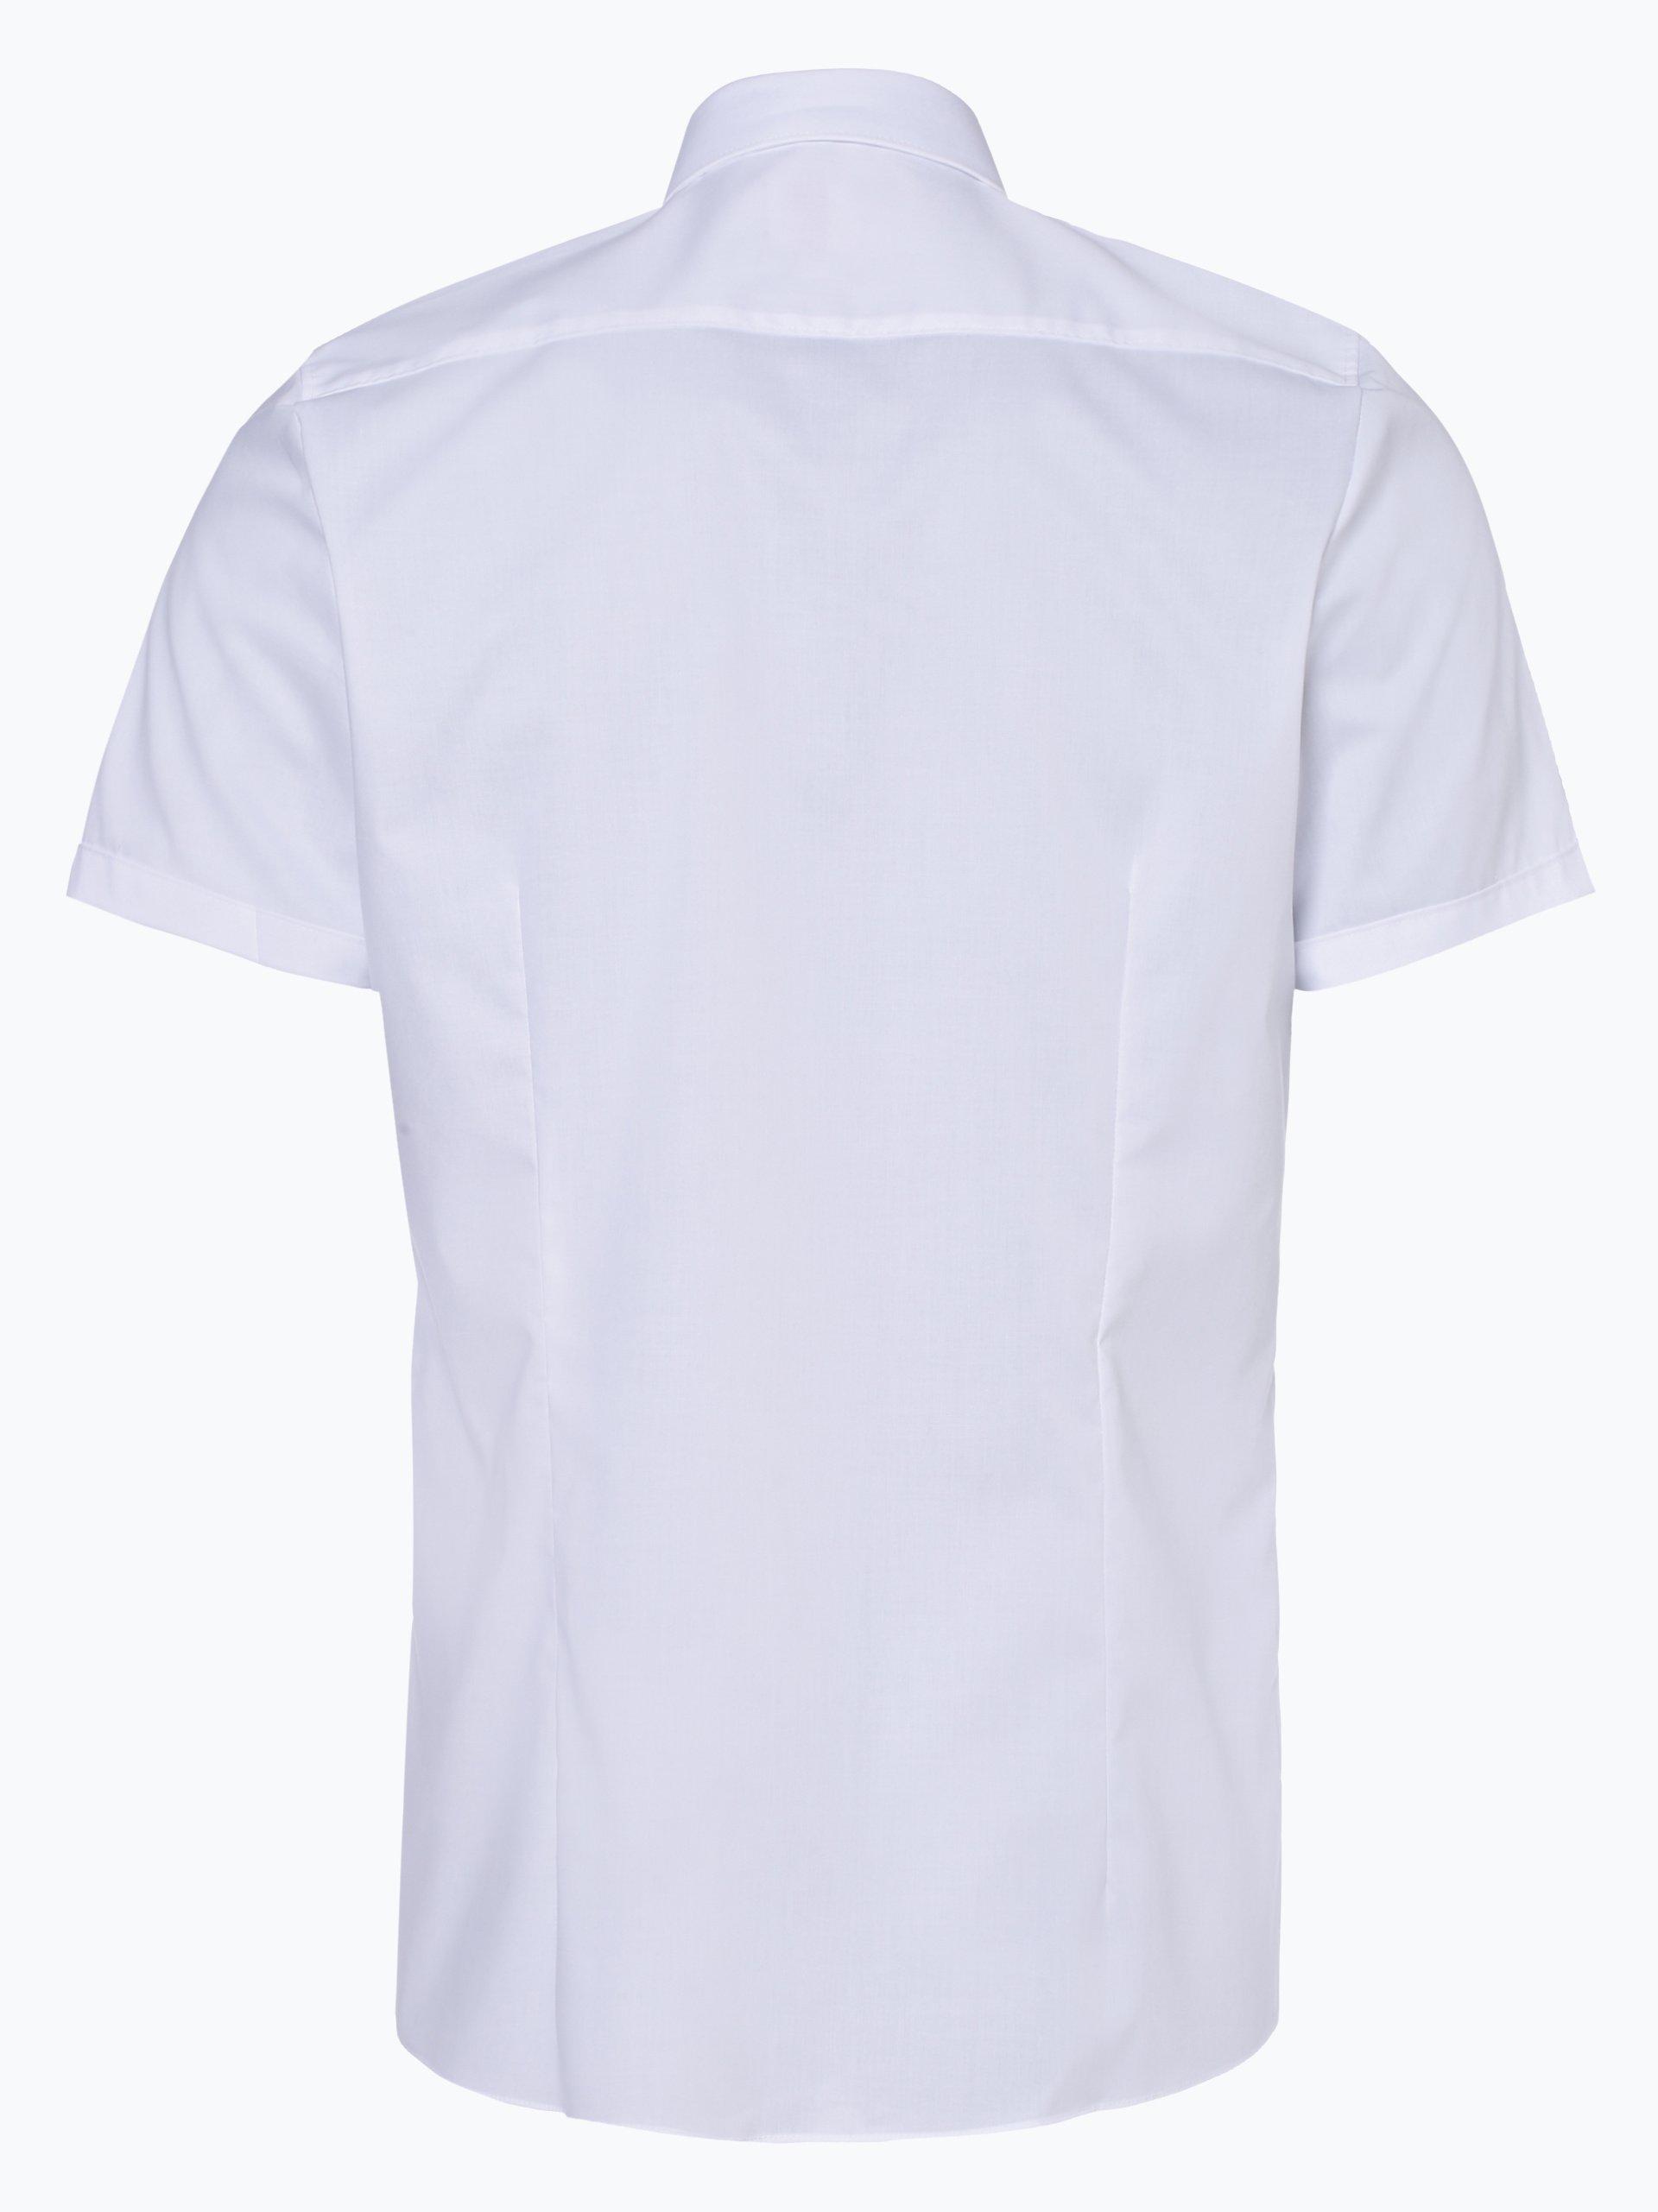 Olymp Level Five Koszula męska łatwa w prasowaniu